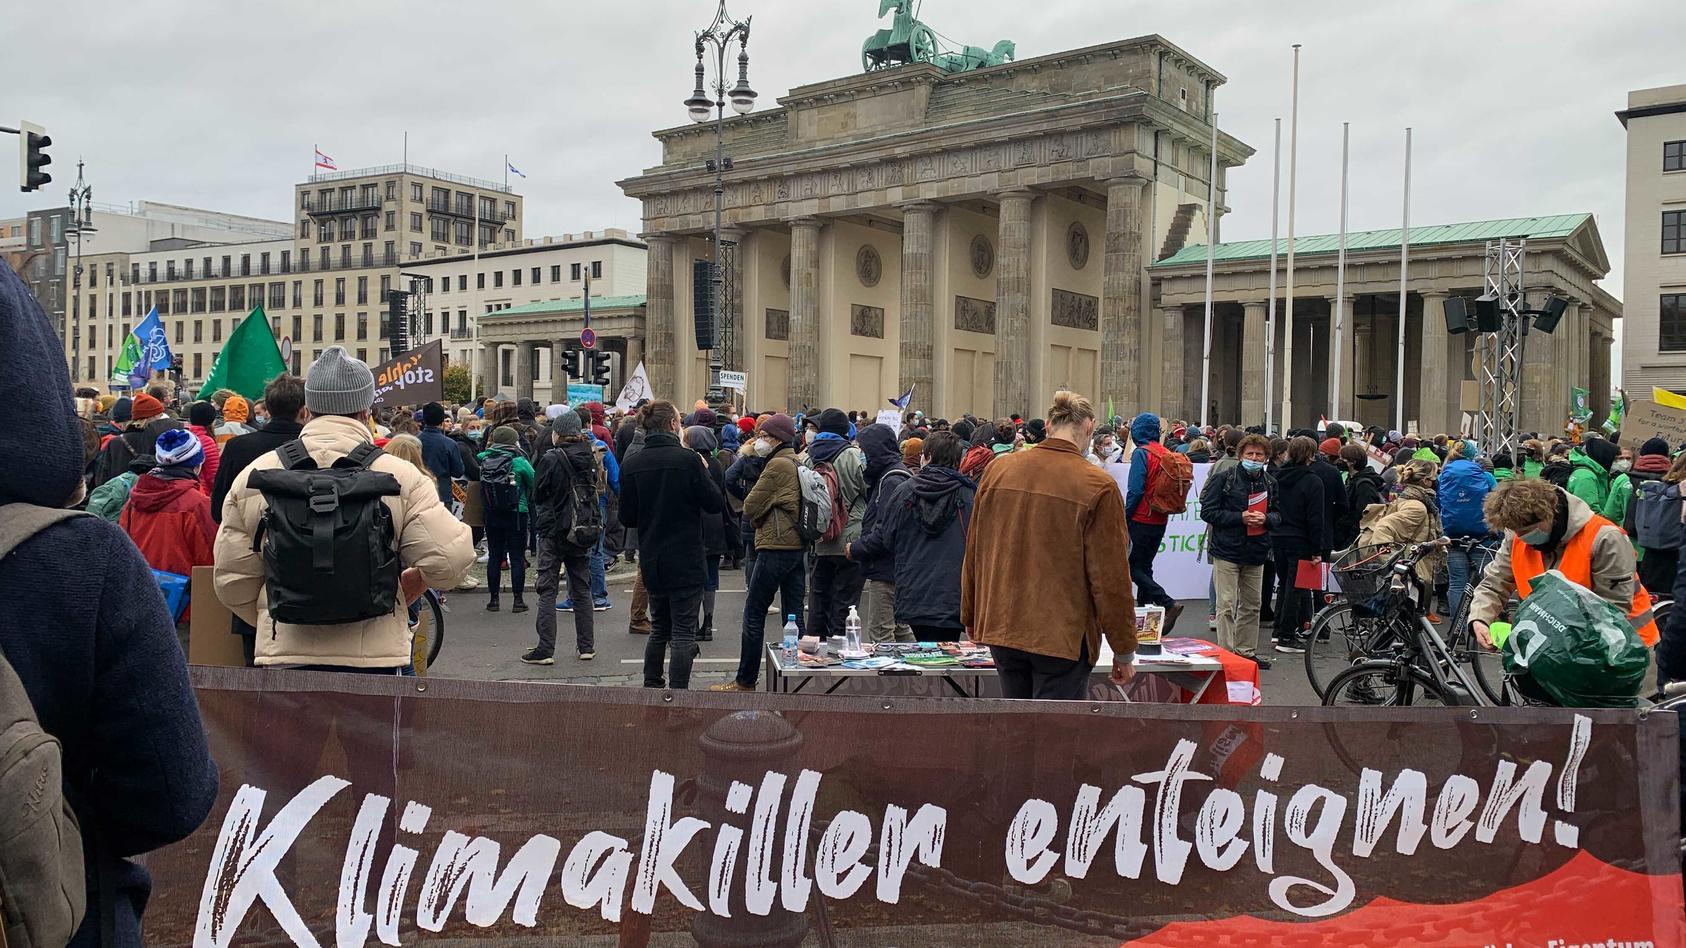 klima-aktivisten-versammeln-sich-in-berlin-zur-neunten-fridays-for-future-demo